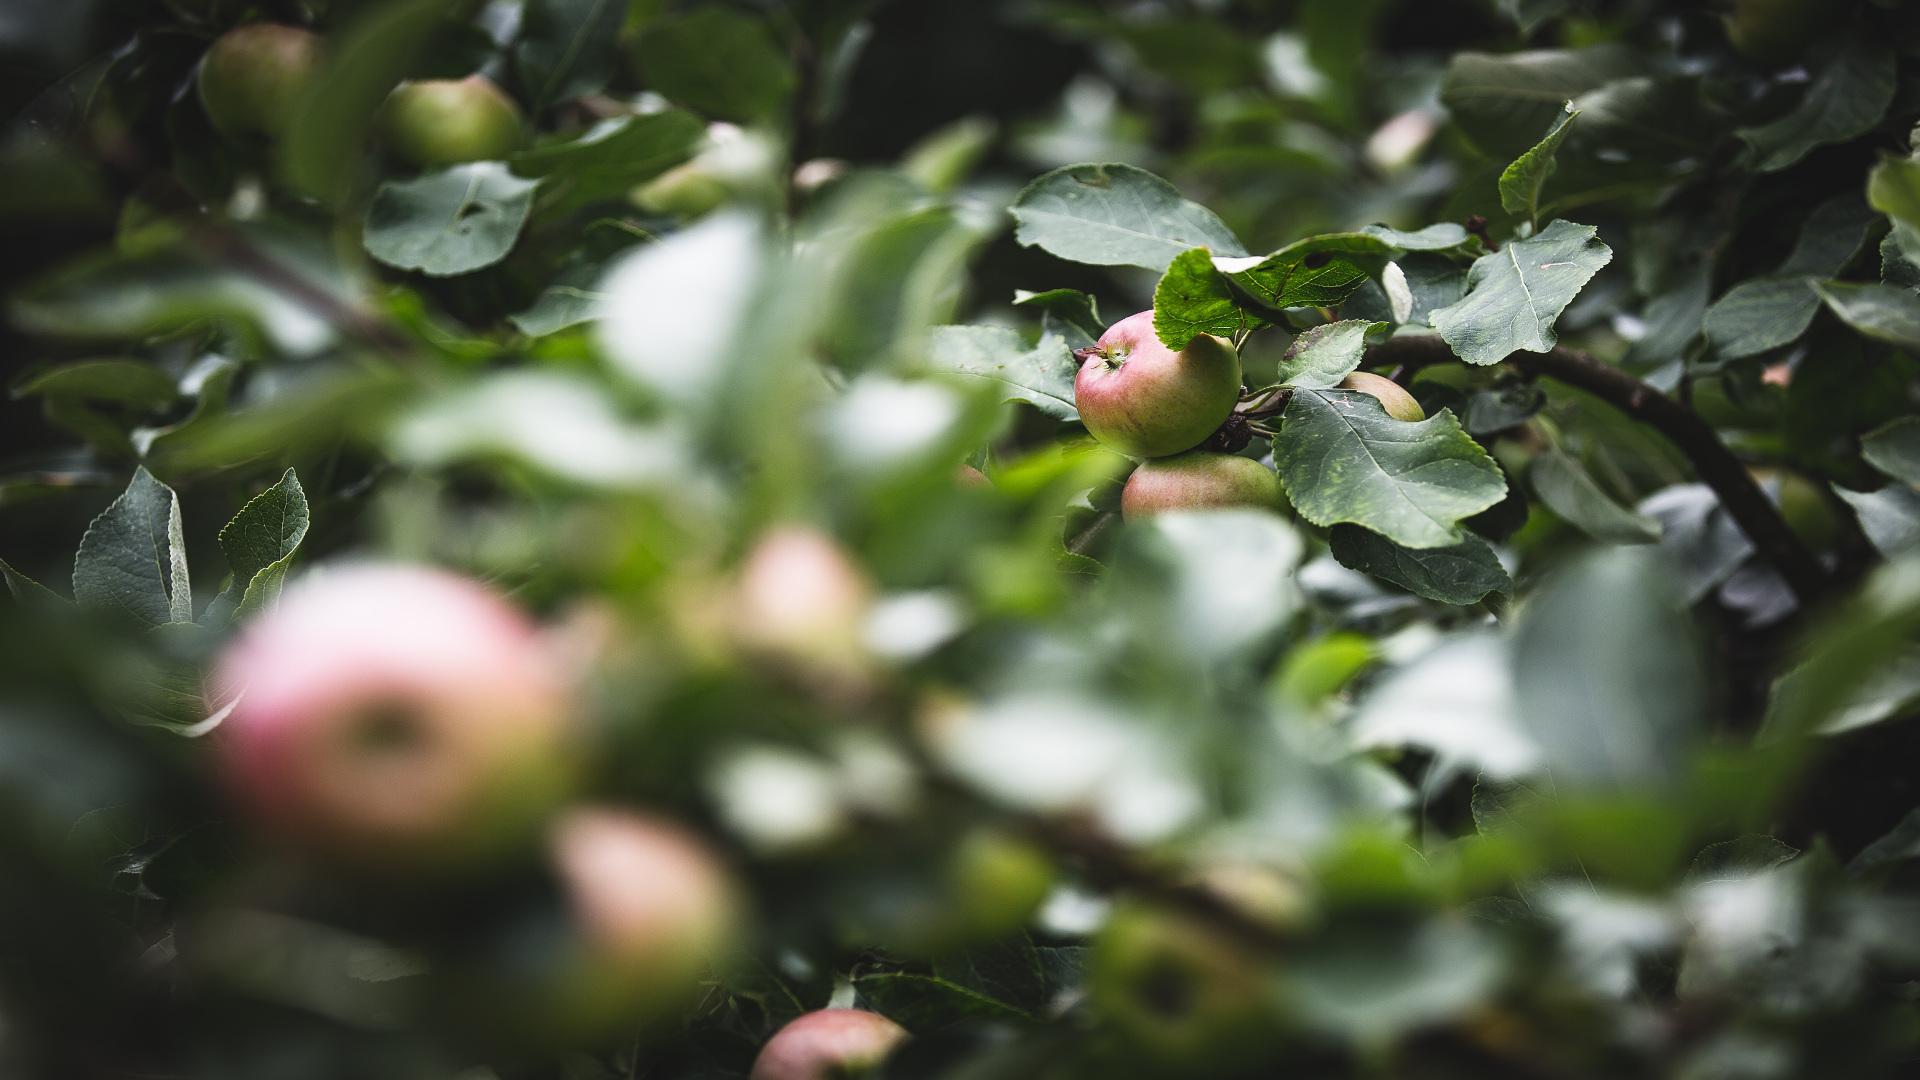 En las superficies de interés ecológico no se podrá utiliza herbicidas o fitosanitarios.